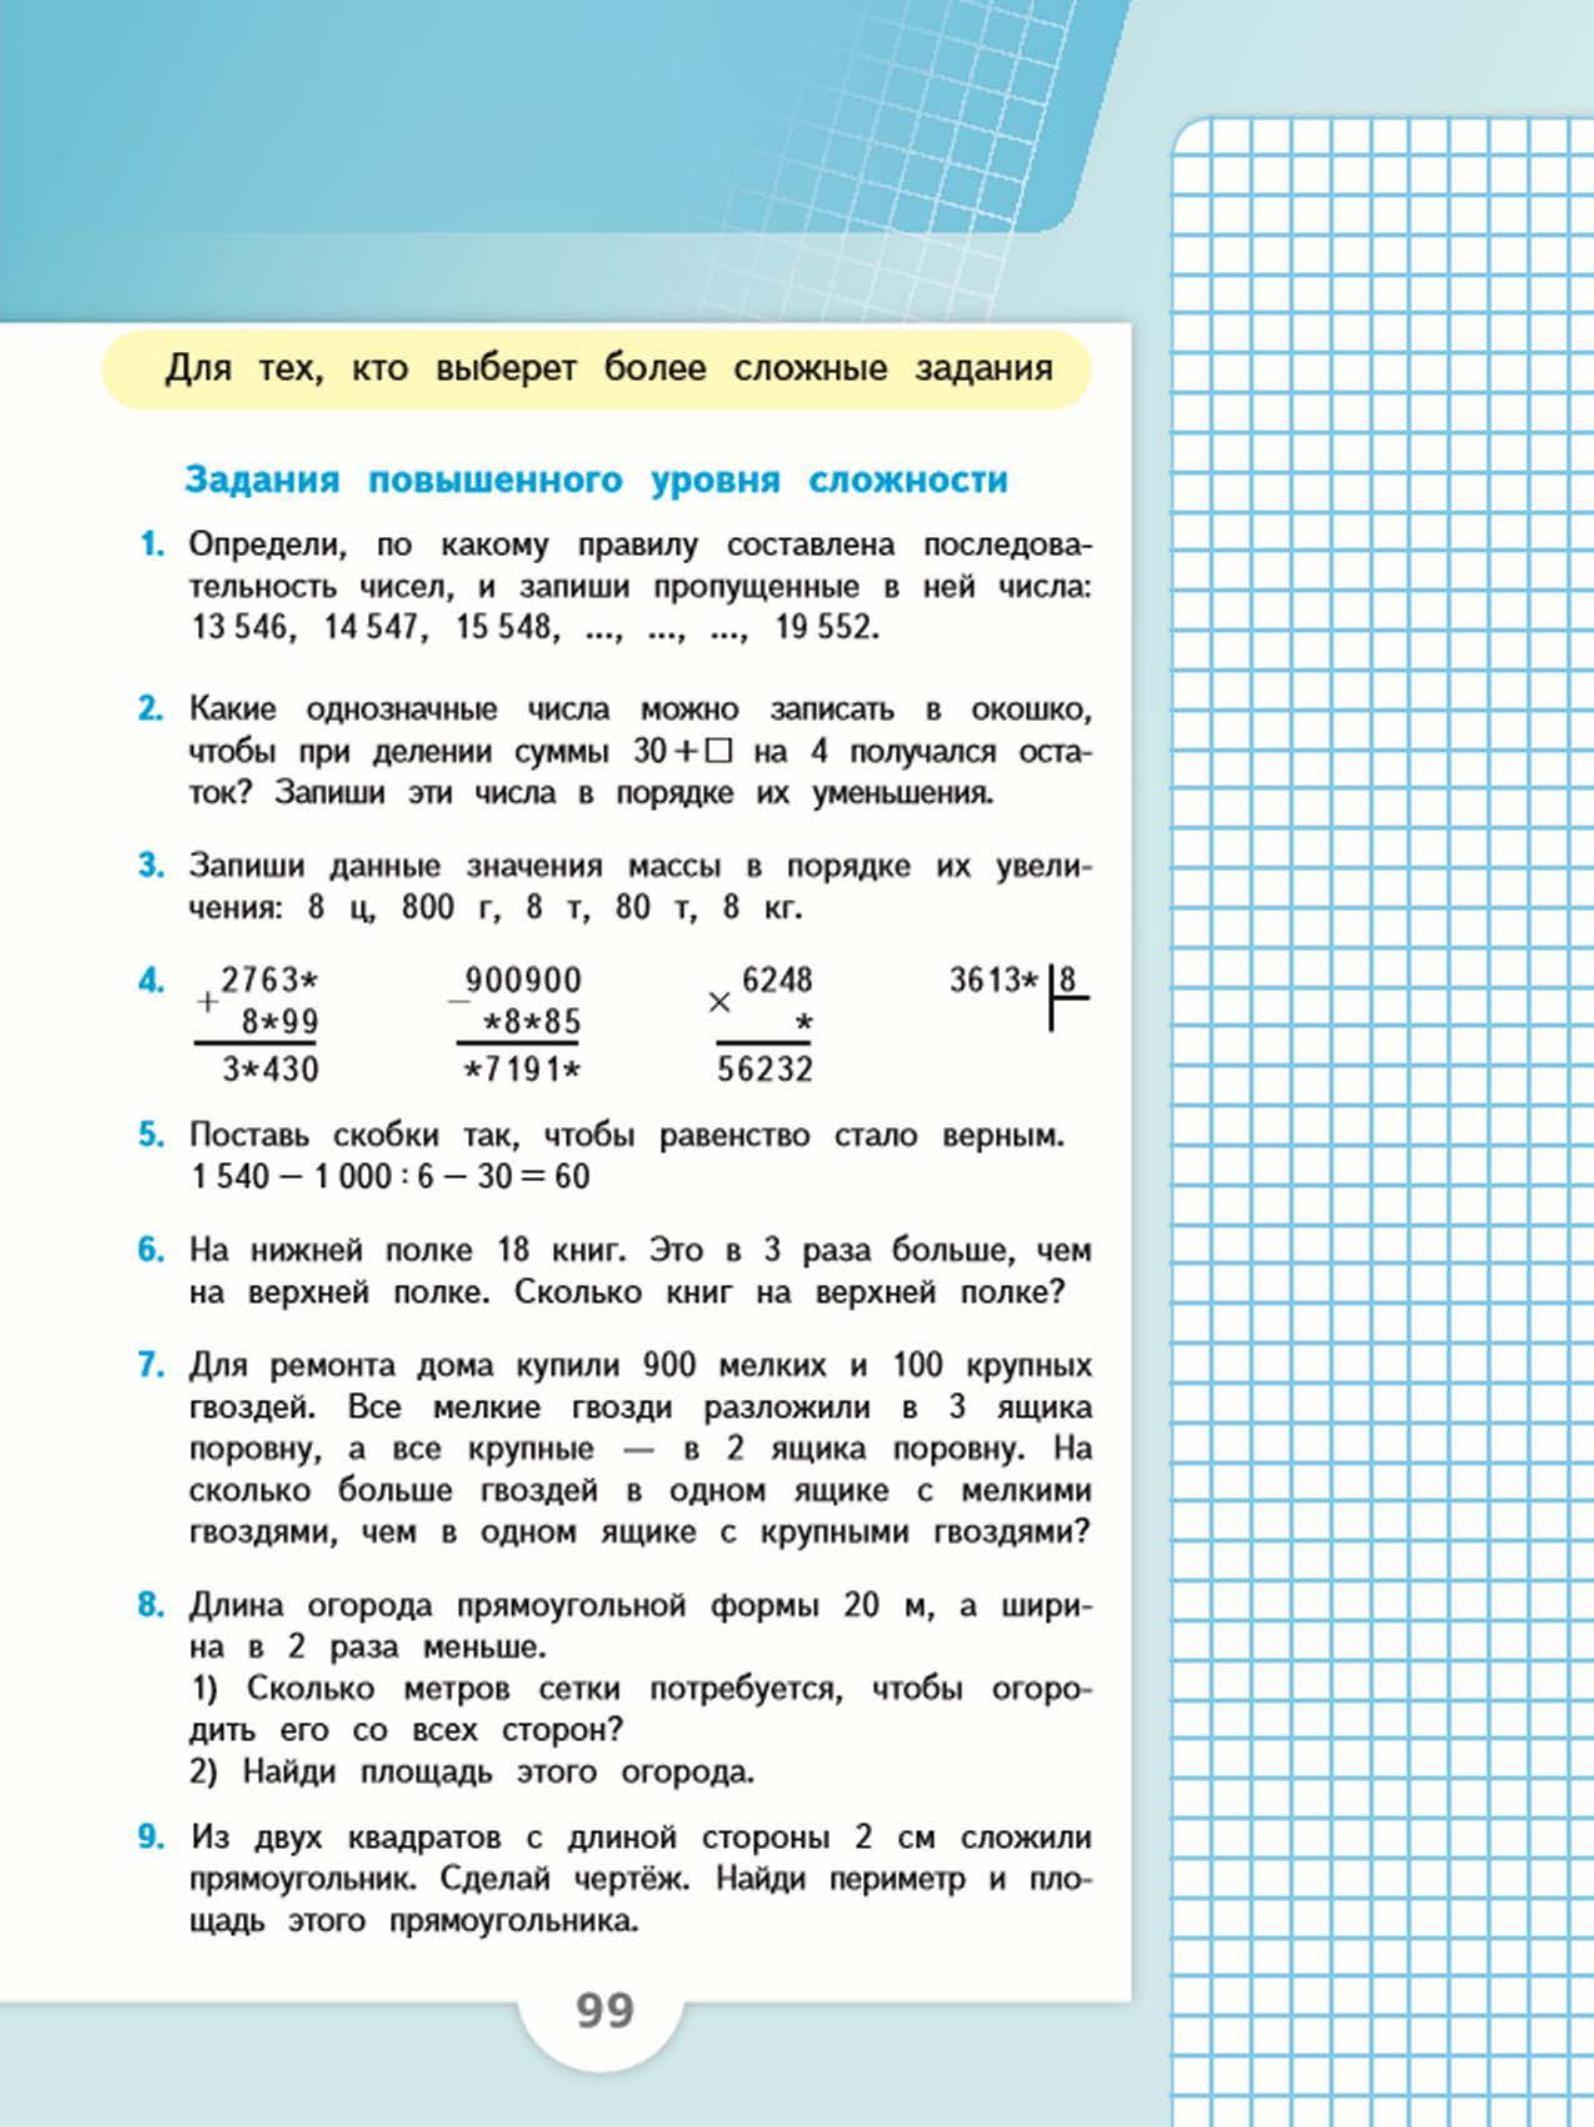 Тематическое планирование 5 класс информатика матвеева